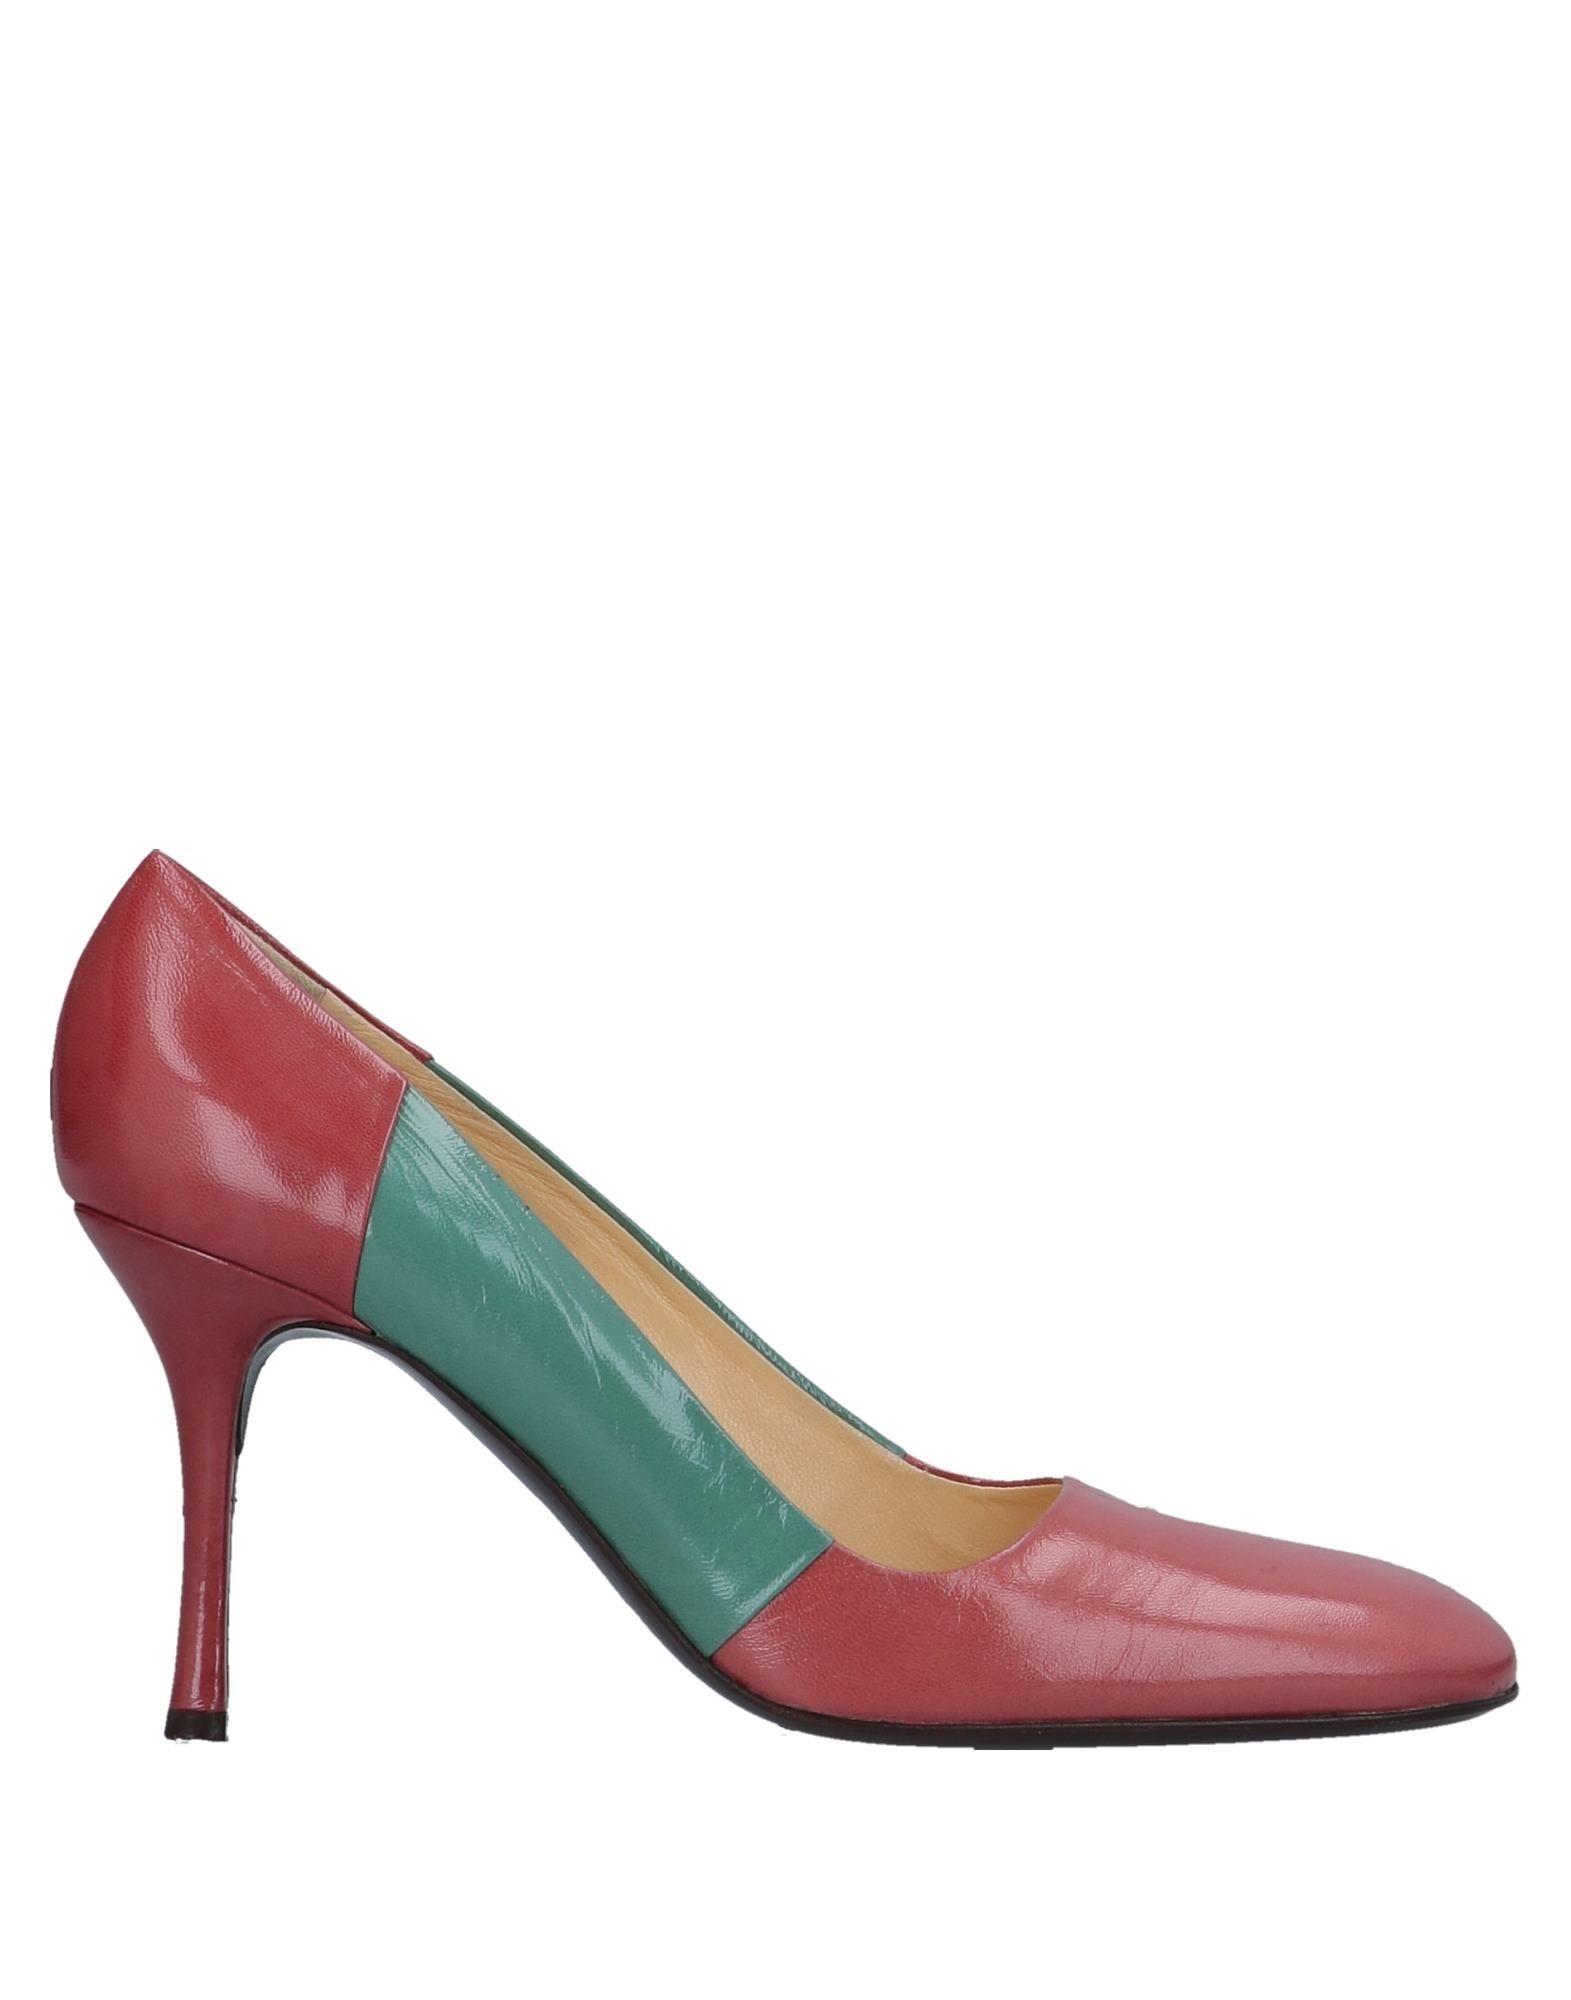 Vicini Pumps Damen  11522213QE Schuhe Gute Qualität beliebte Schuhe 11522213QE 17e5fc